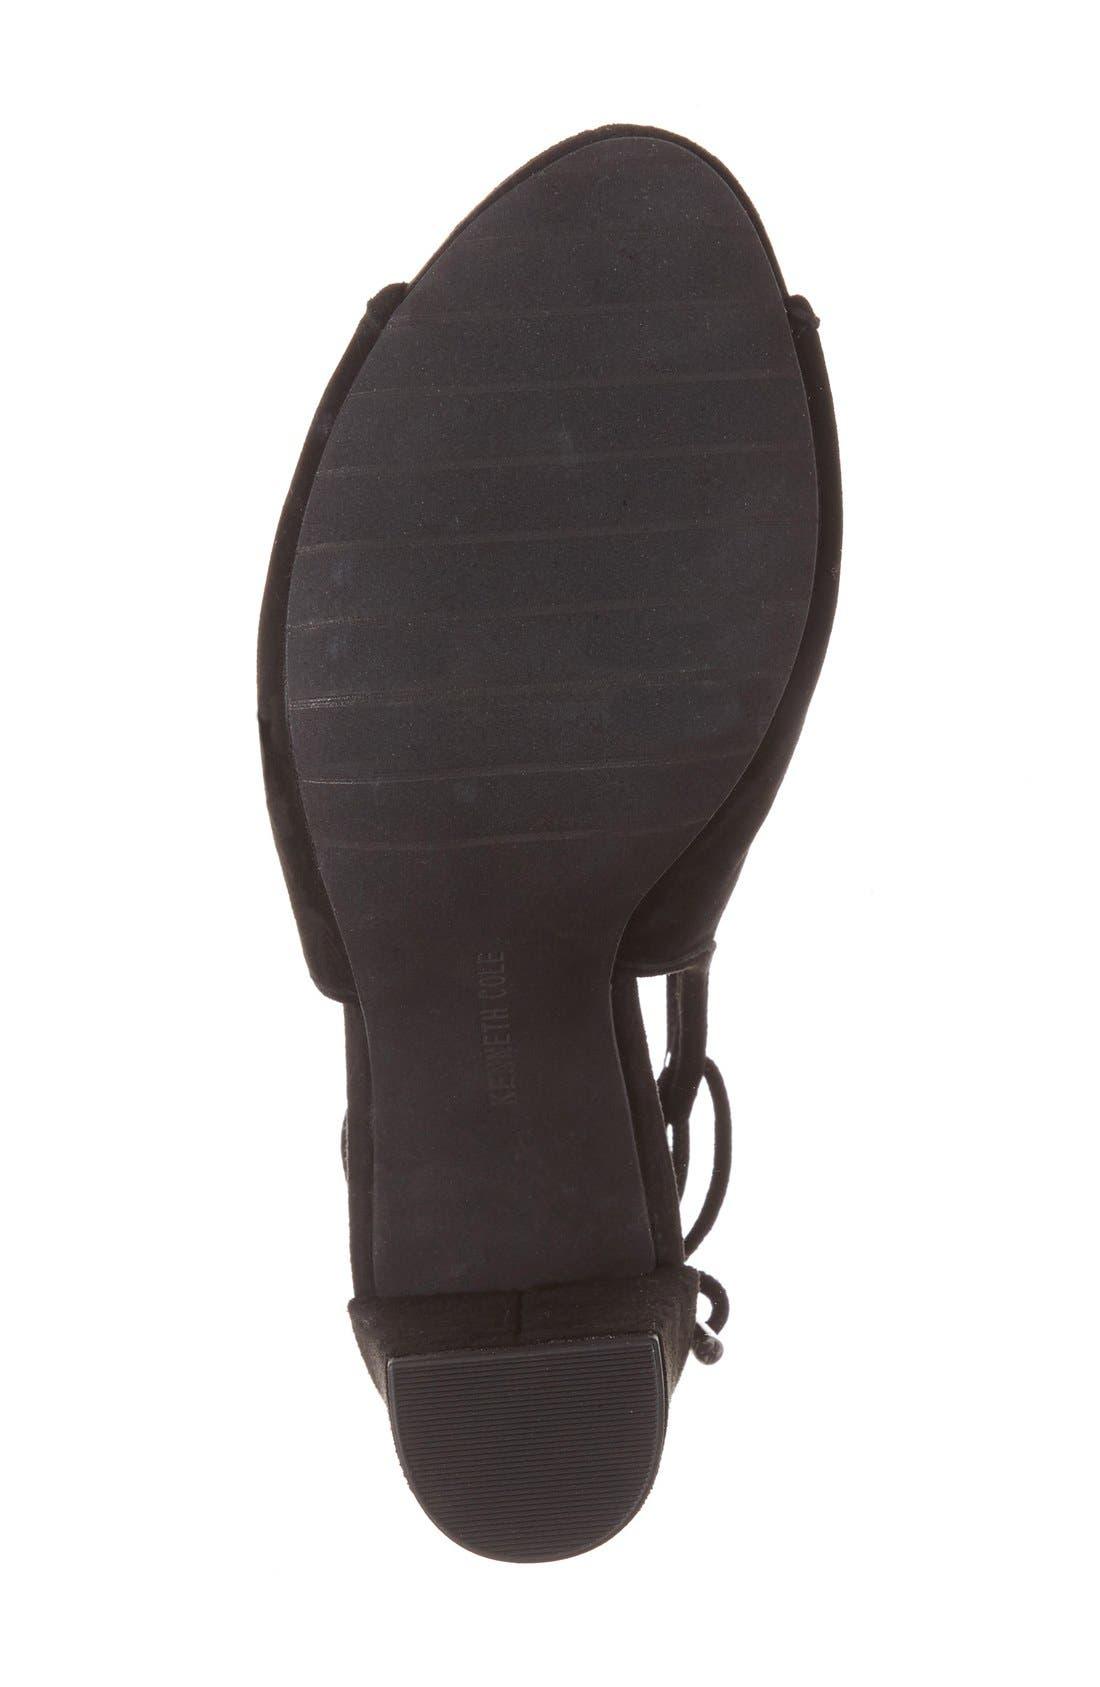 Darla Block Heel Sandal,                             Alternate thumbnail 4, color,                             001